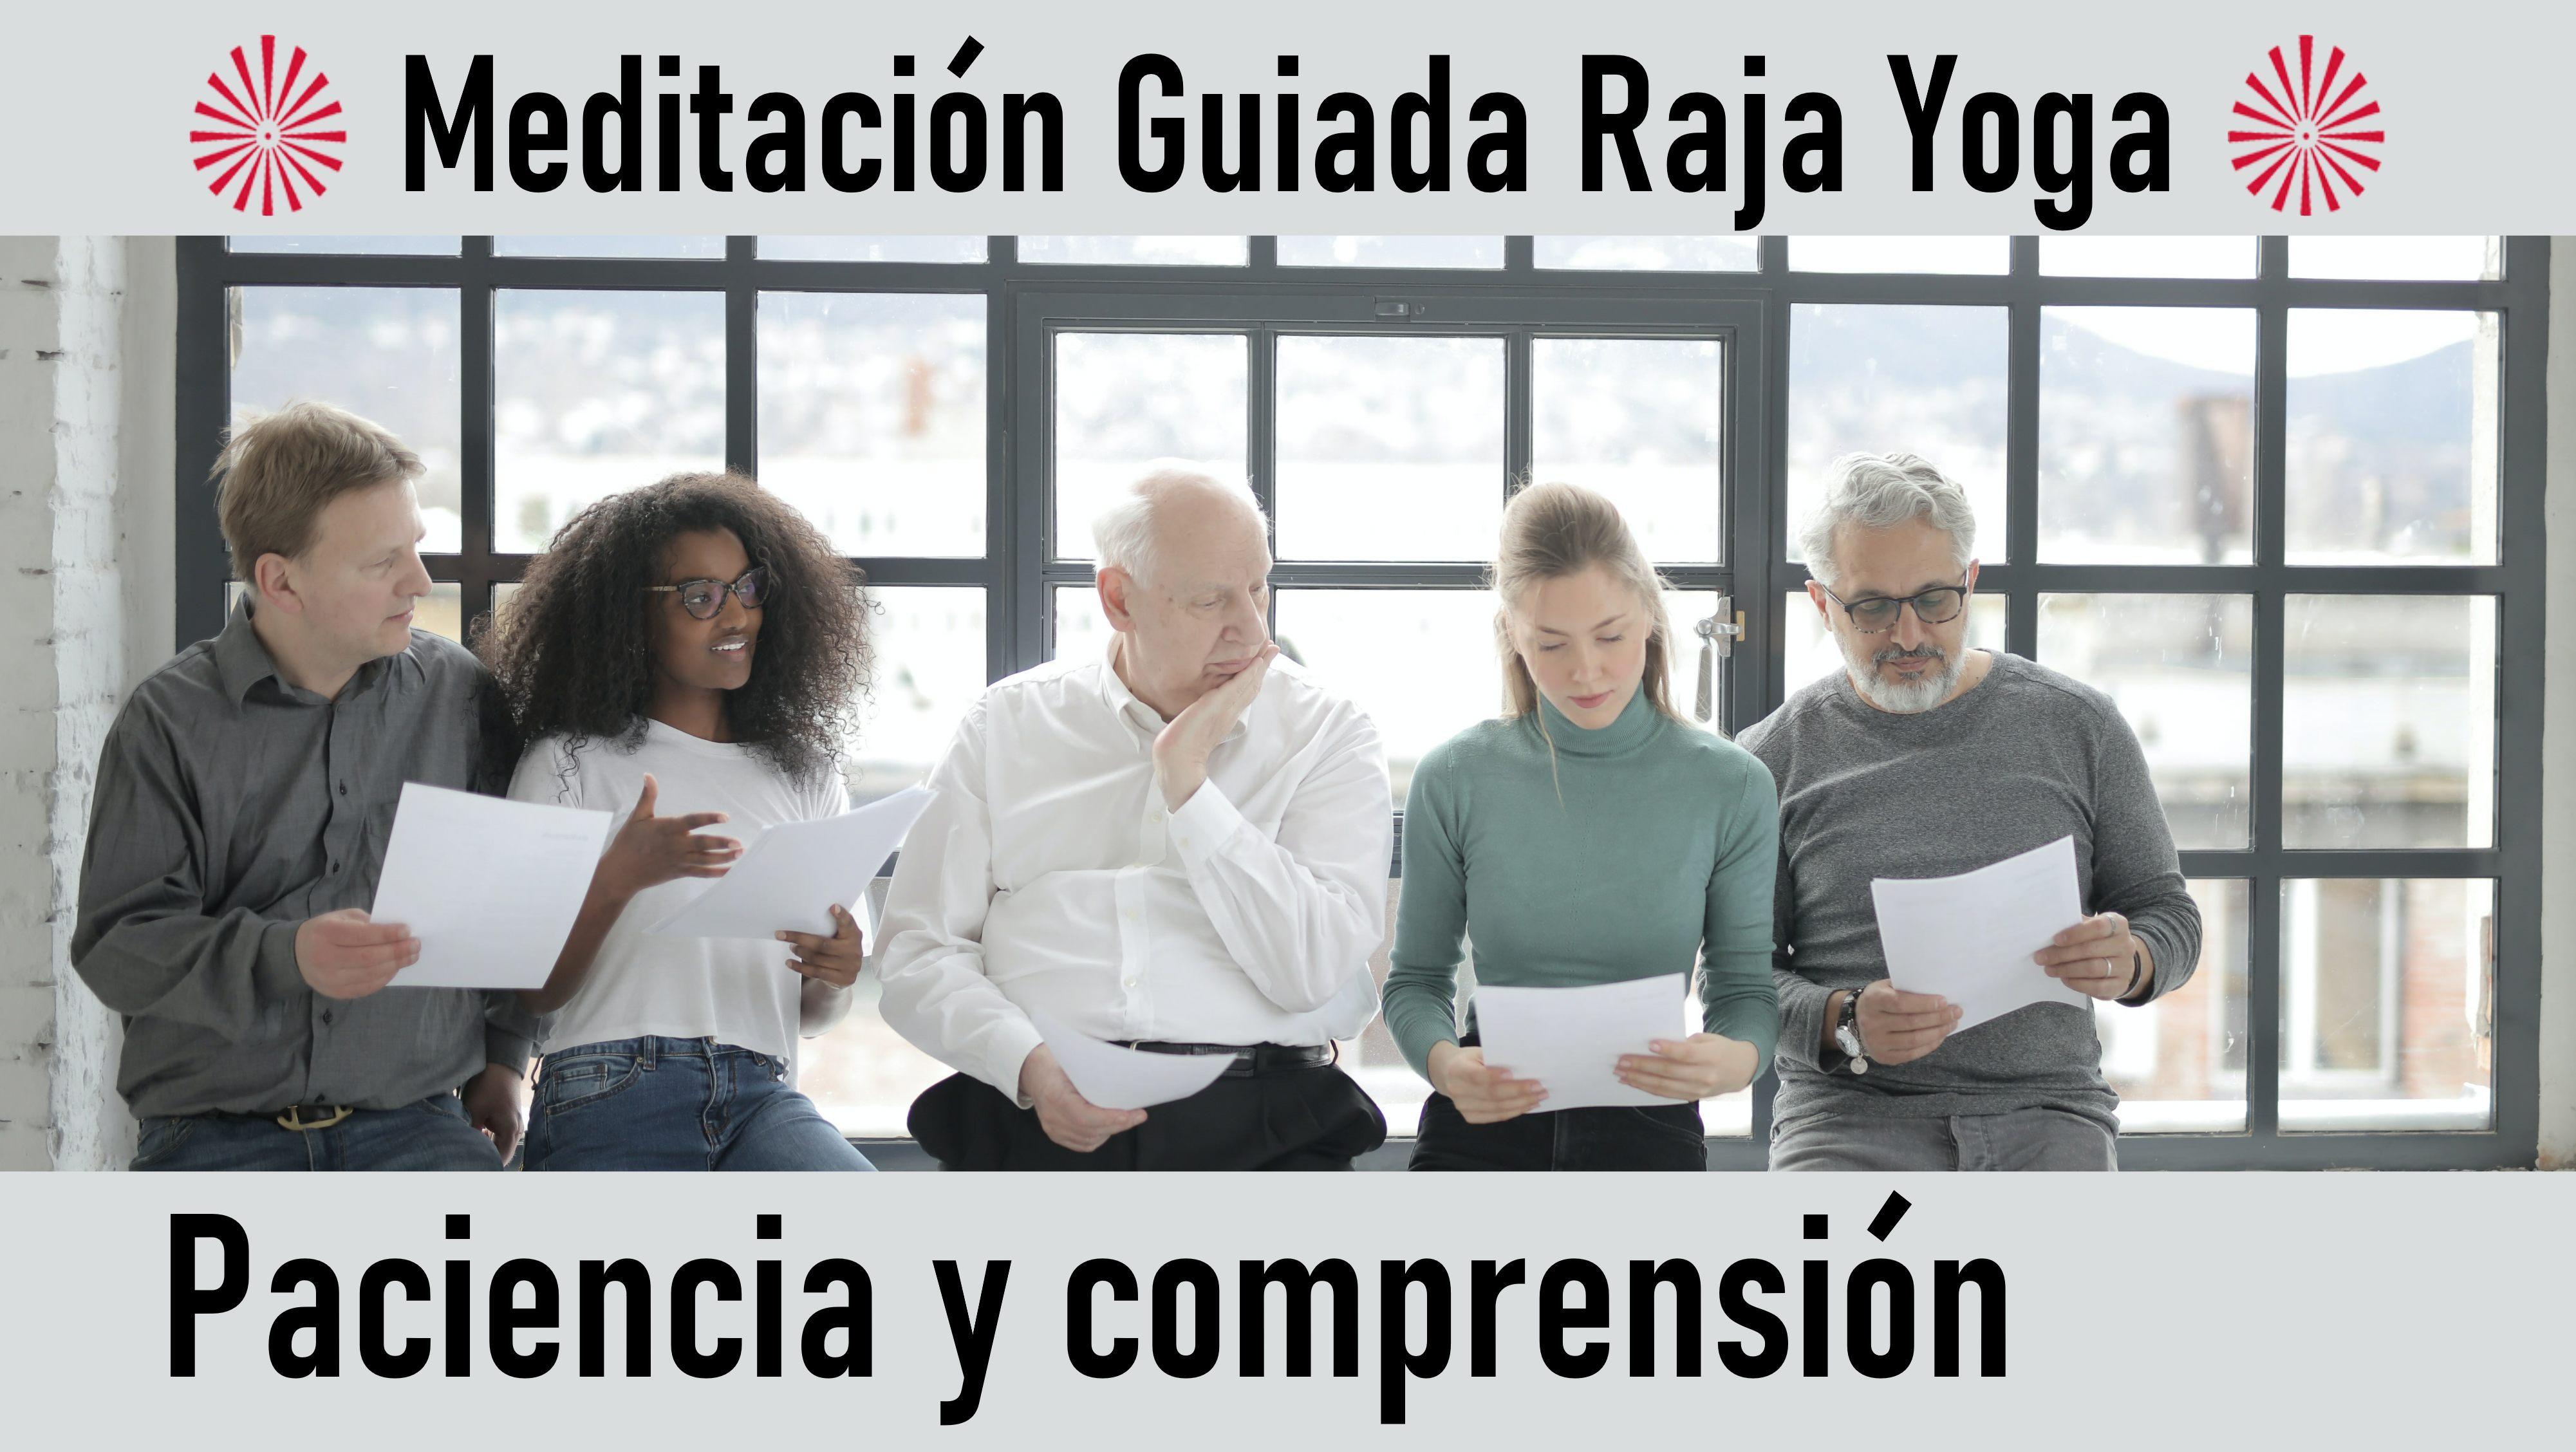 1 Octubre 2020 Meditación guiada: Paciencia y comprensión